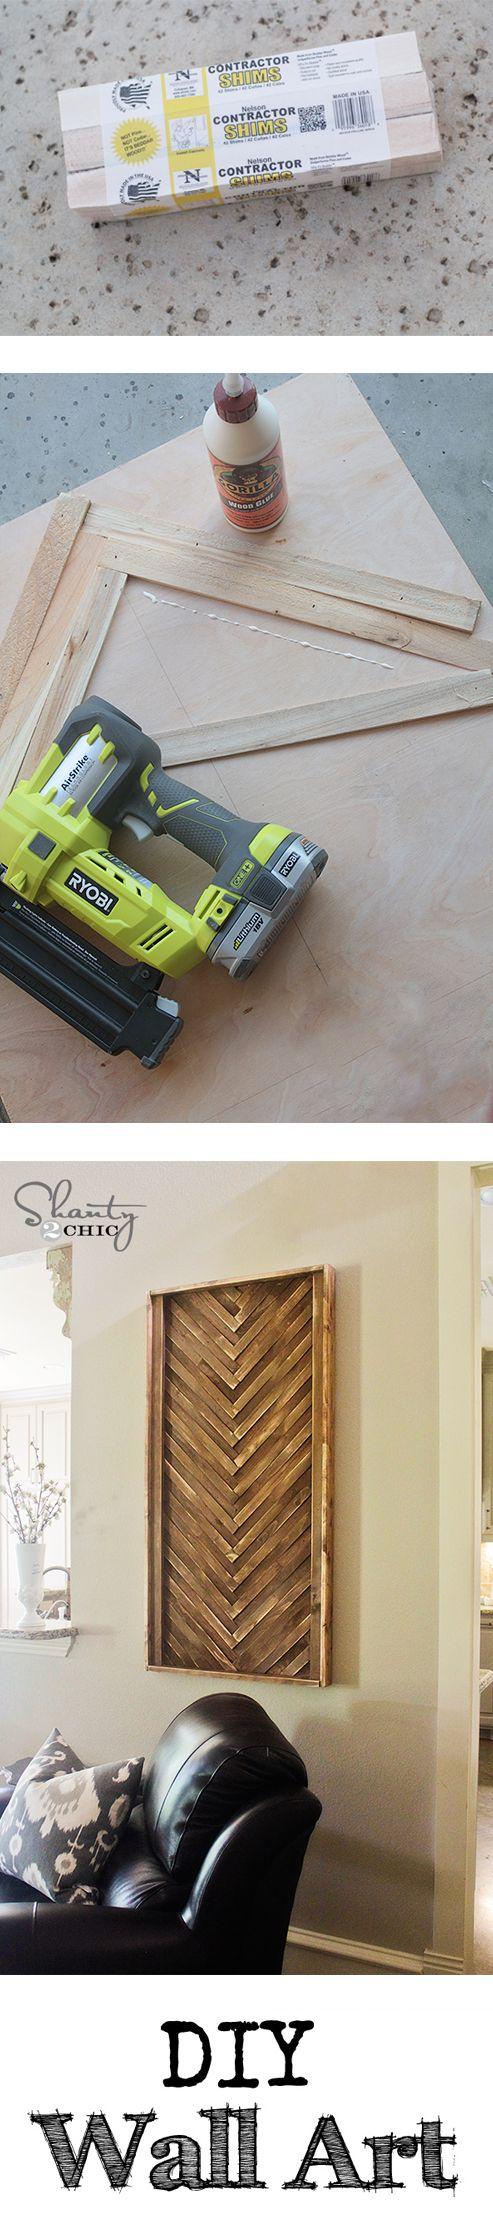 DIY Wall Art from cheap wood shims... LOVE this! #DIY @shanty2chic